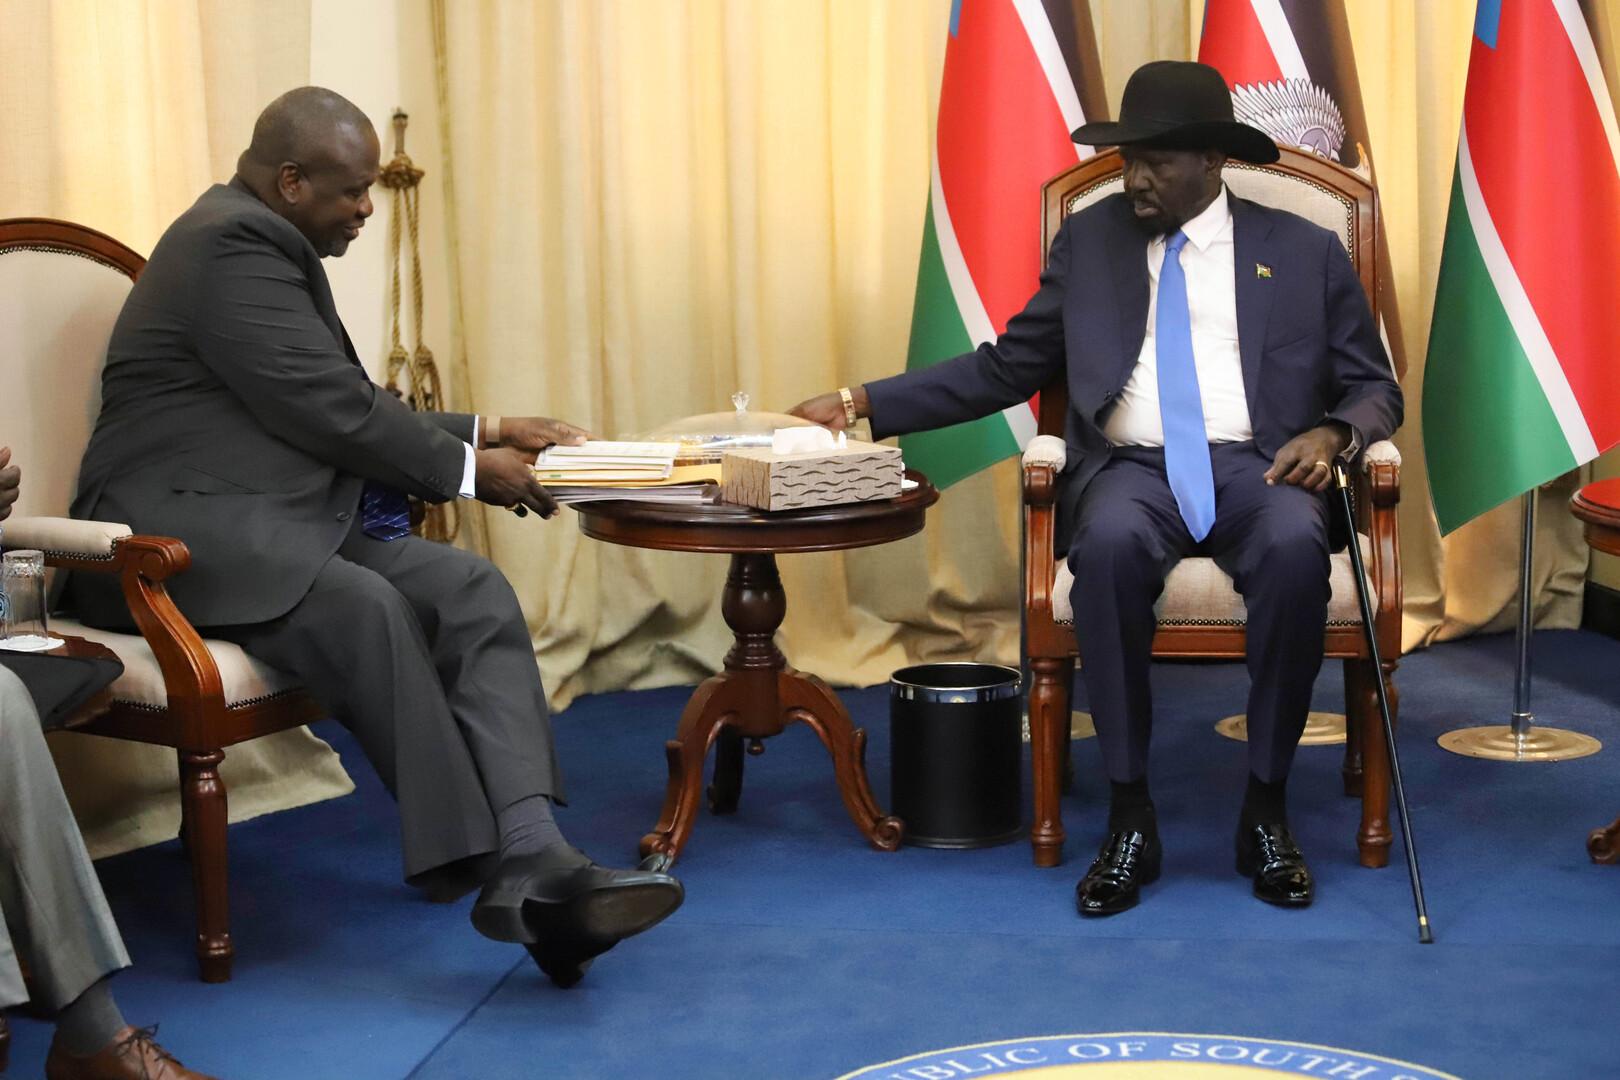 رئيس جنوب السودان، سلفا كير، ونائبه السابق، رياك مشار، قبل بدء محادثاتهما في جوبا